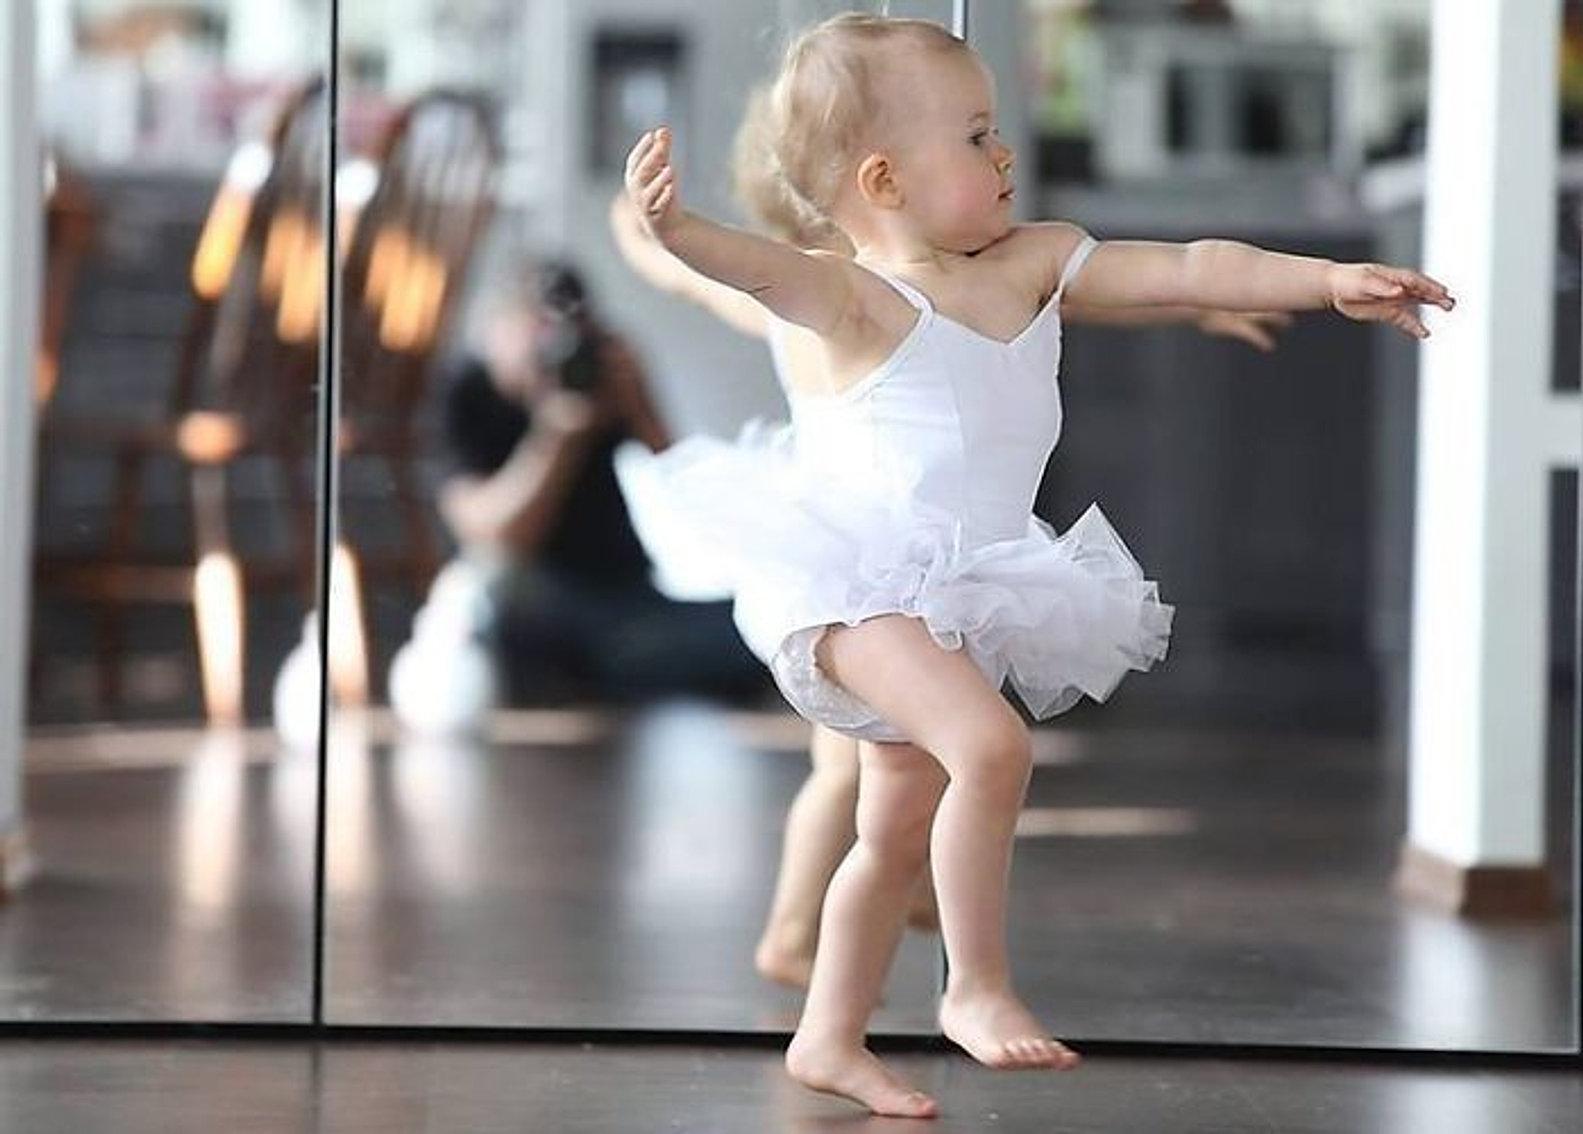 Память, загрузить смешные картинки с танцующими детьми с надписями